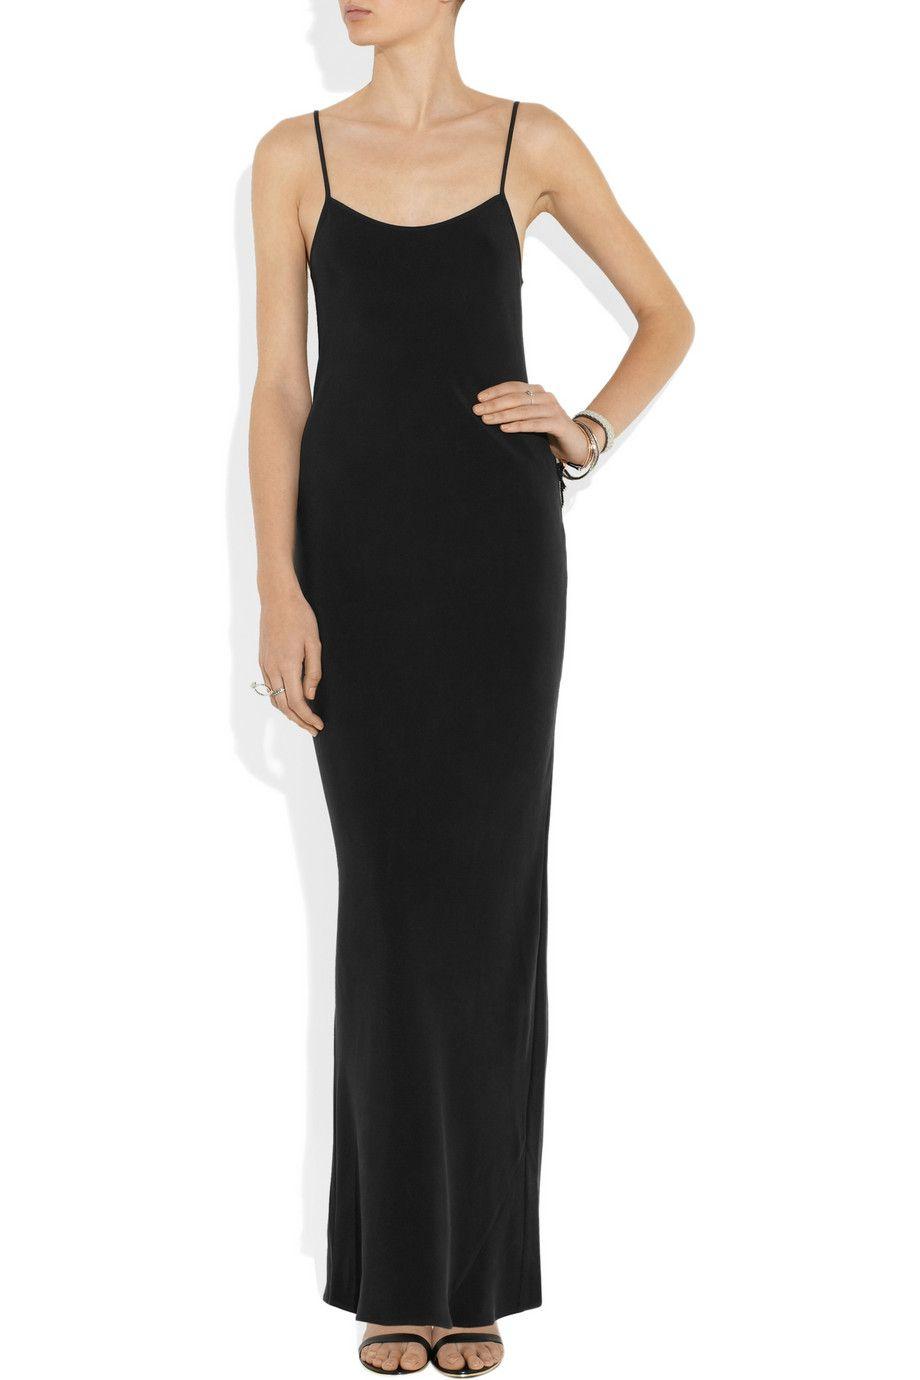 c91813e6d242 Joseph | Slipy washed-silk maxi slip dress | NET-A-PORTER.COM ...